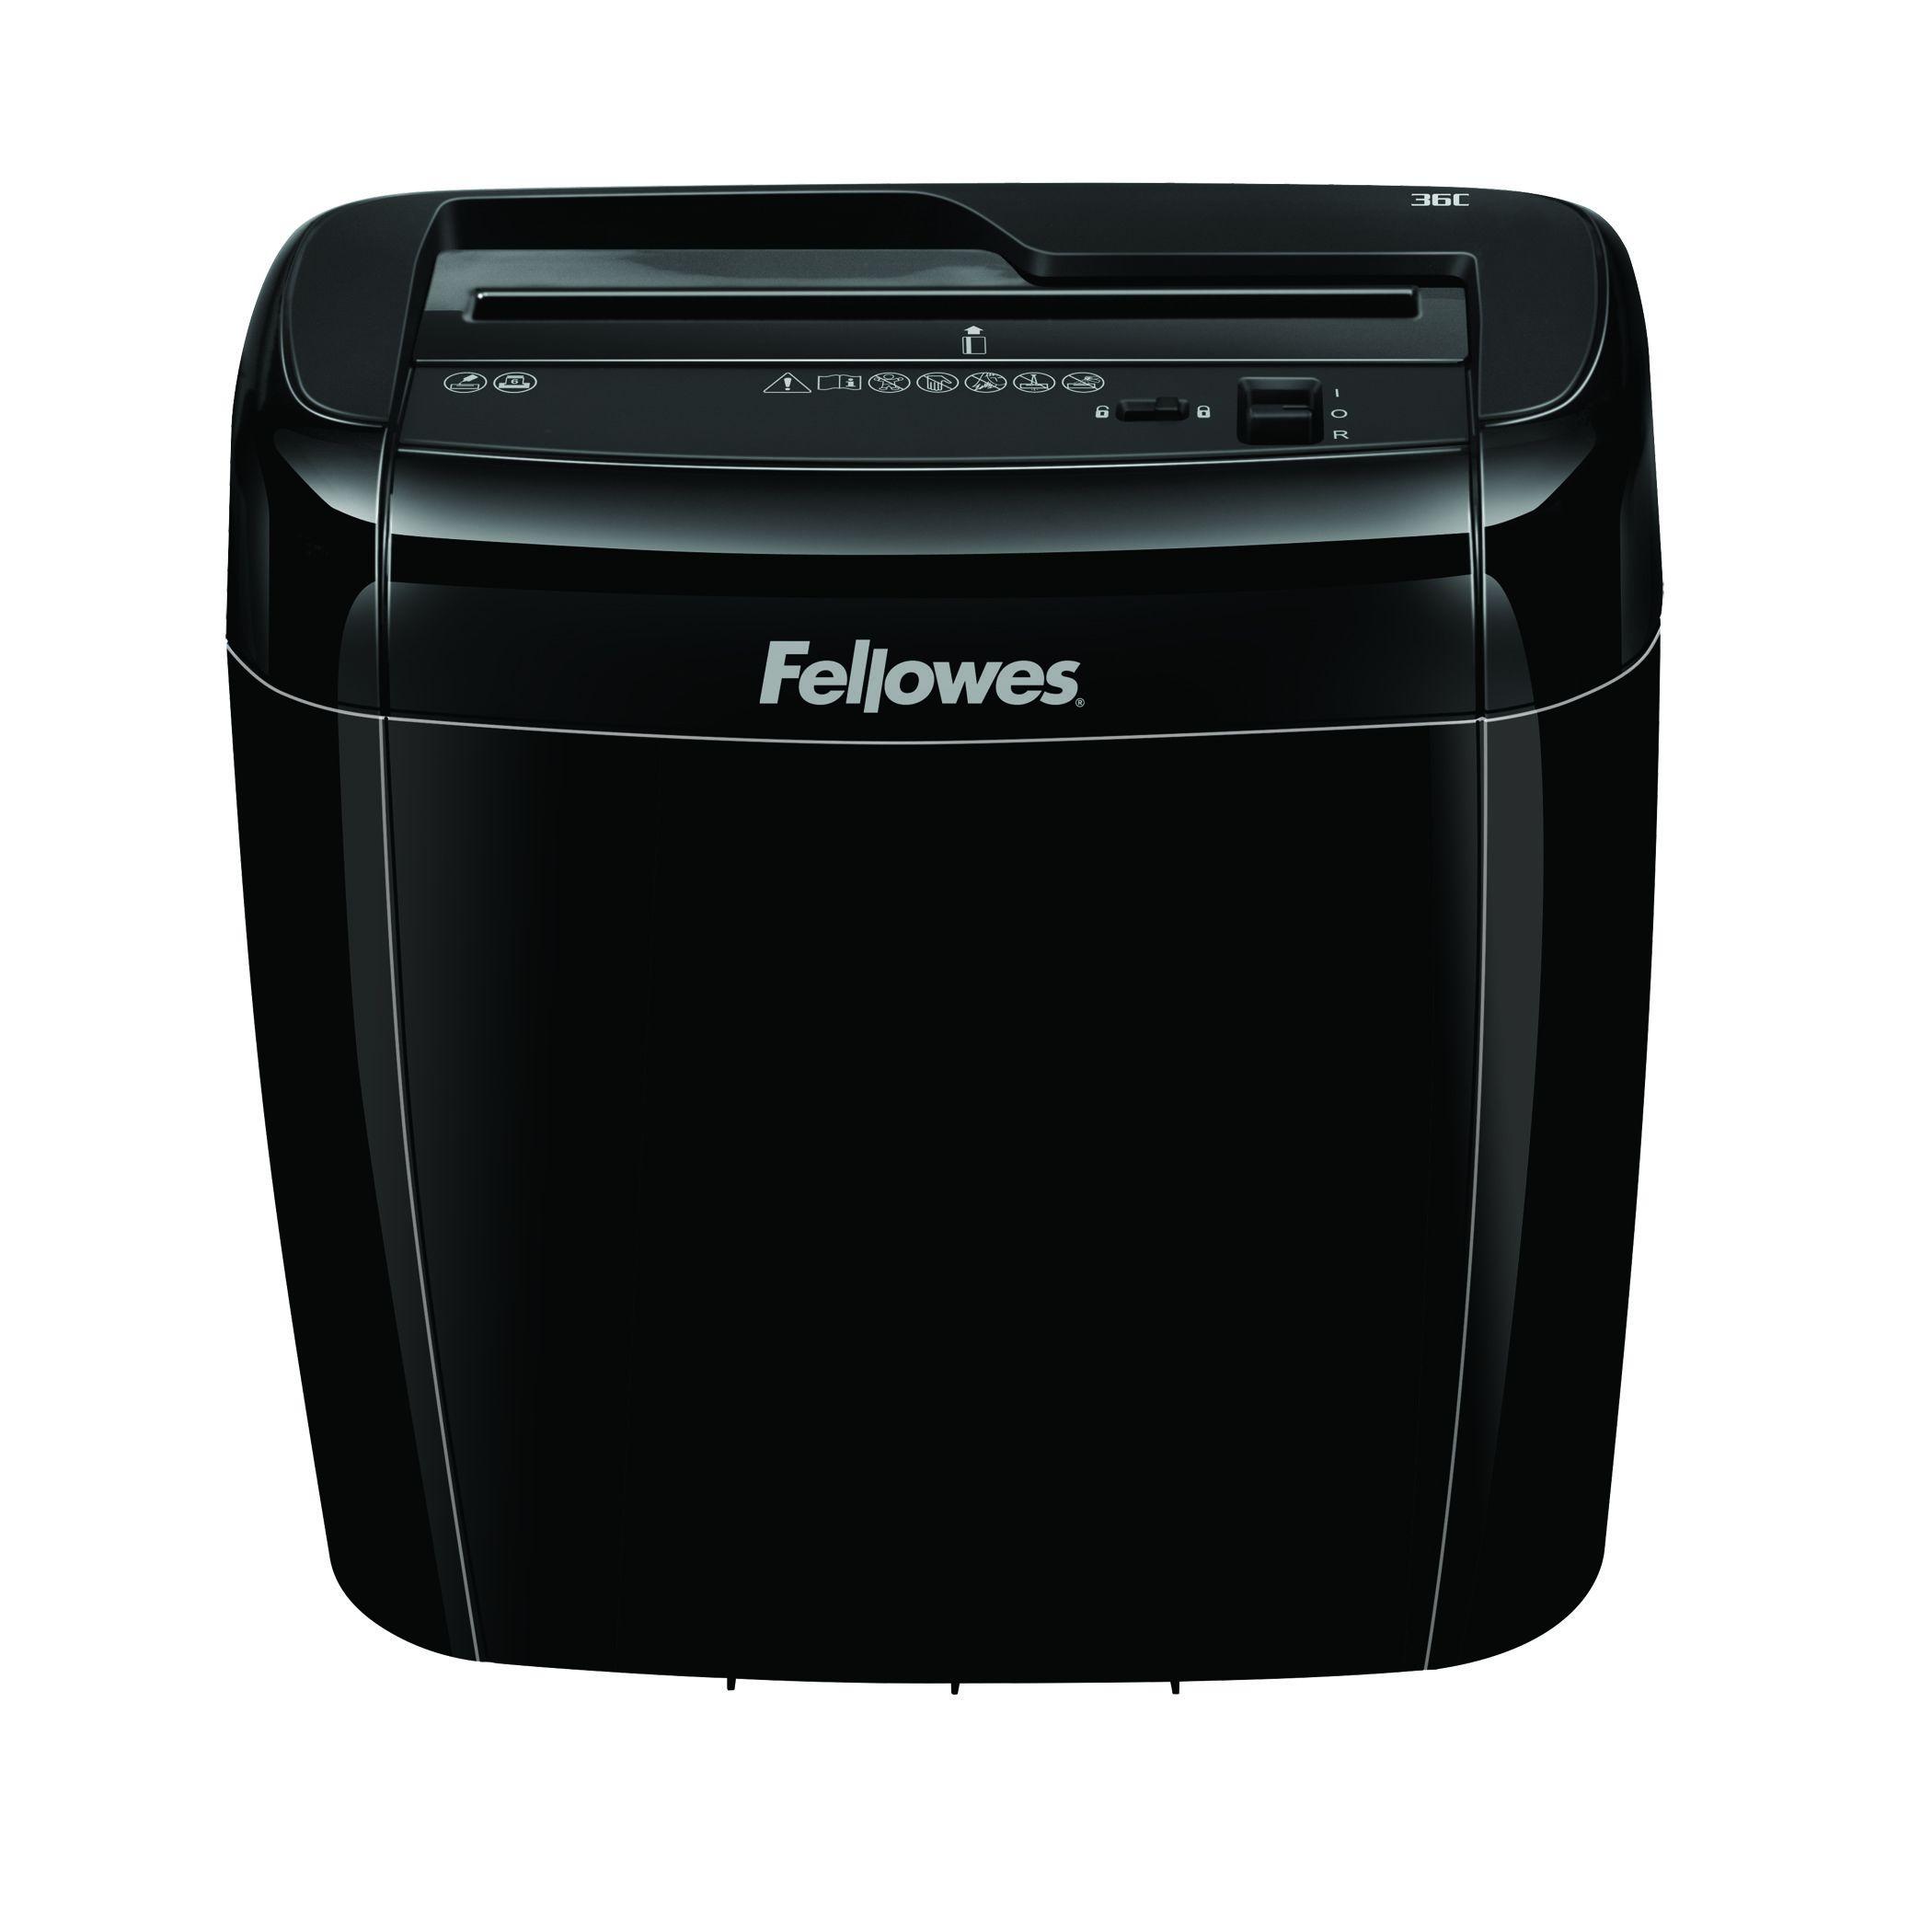 Fellowes Powershred 36C- destructeur de documents coupe croisée  - 6 feuilles - Corbeille 12 litres